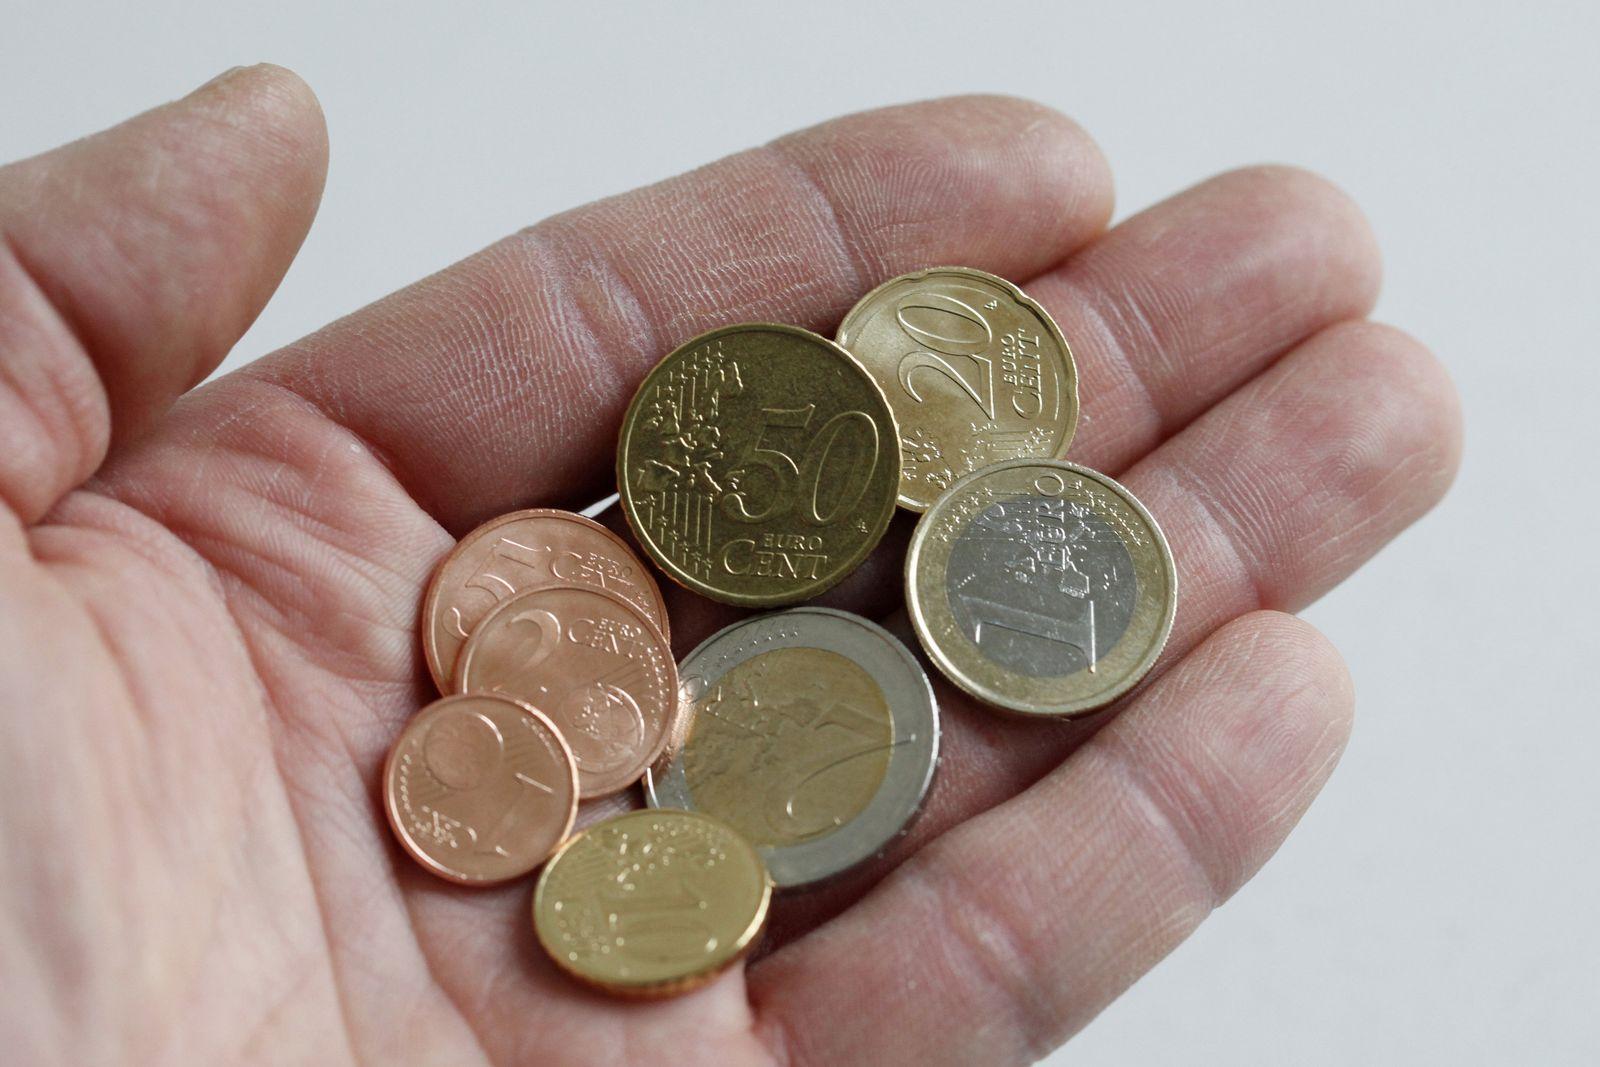 Großzügig / Kleingeld / Spende